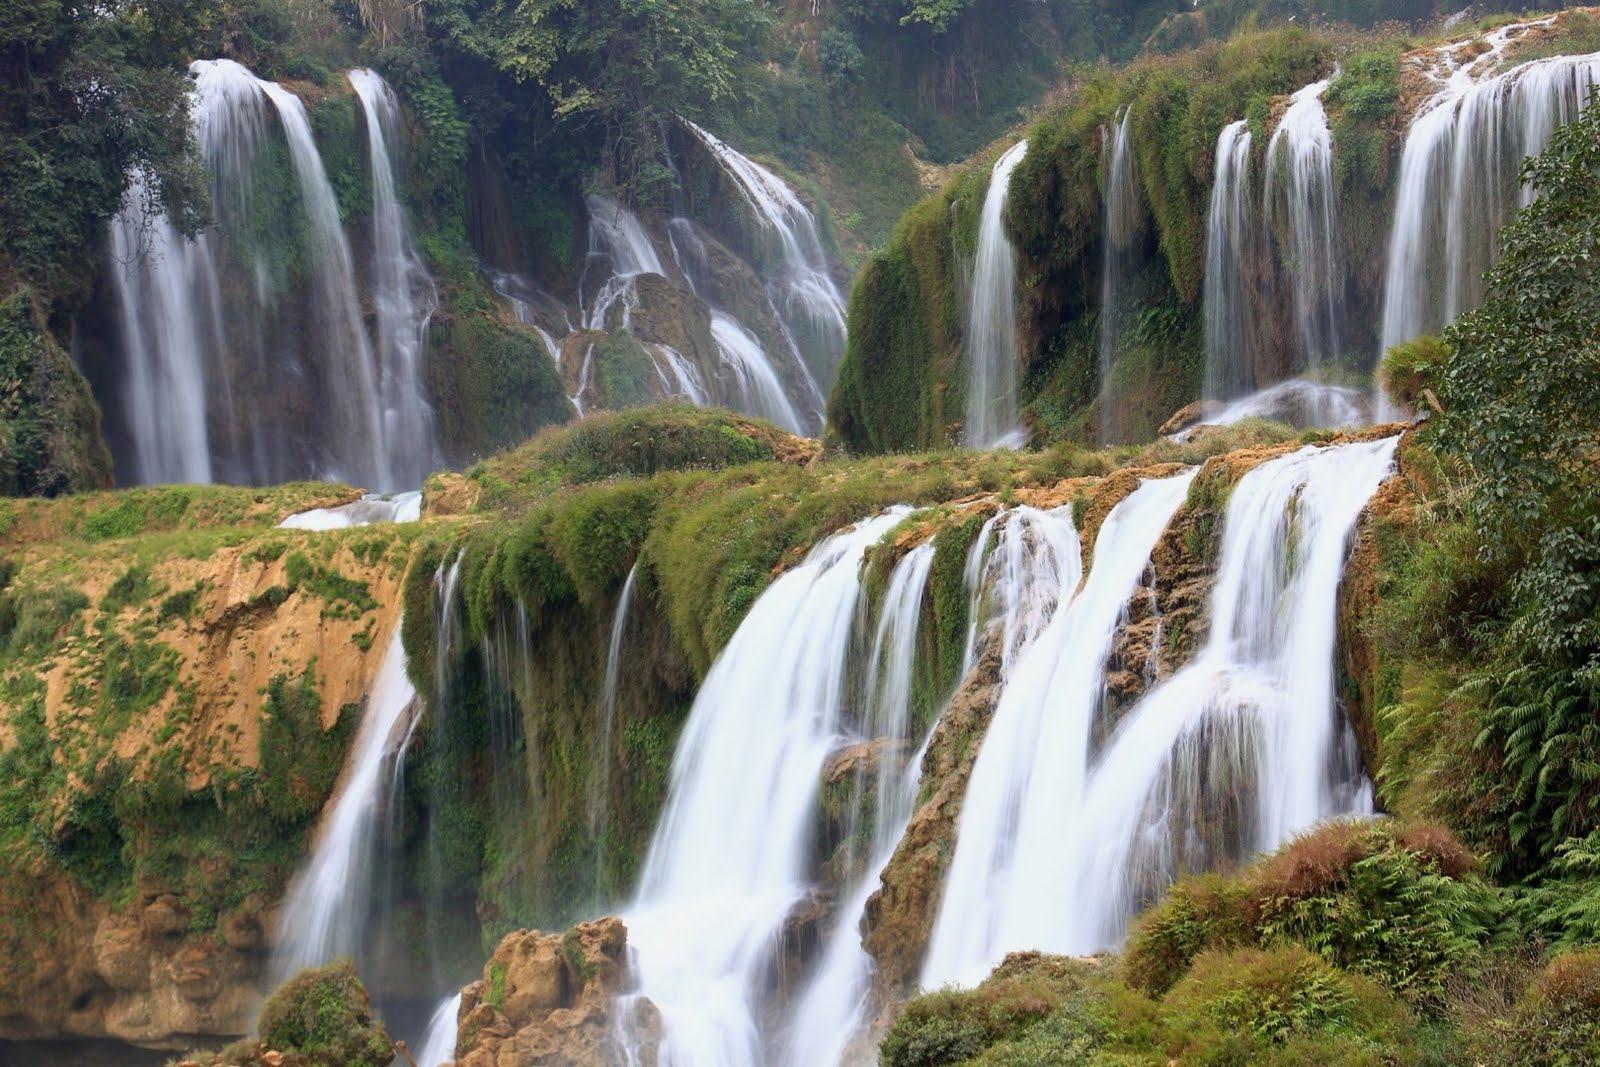 педагогический картинки самый большой водопад миллиардеру